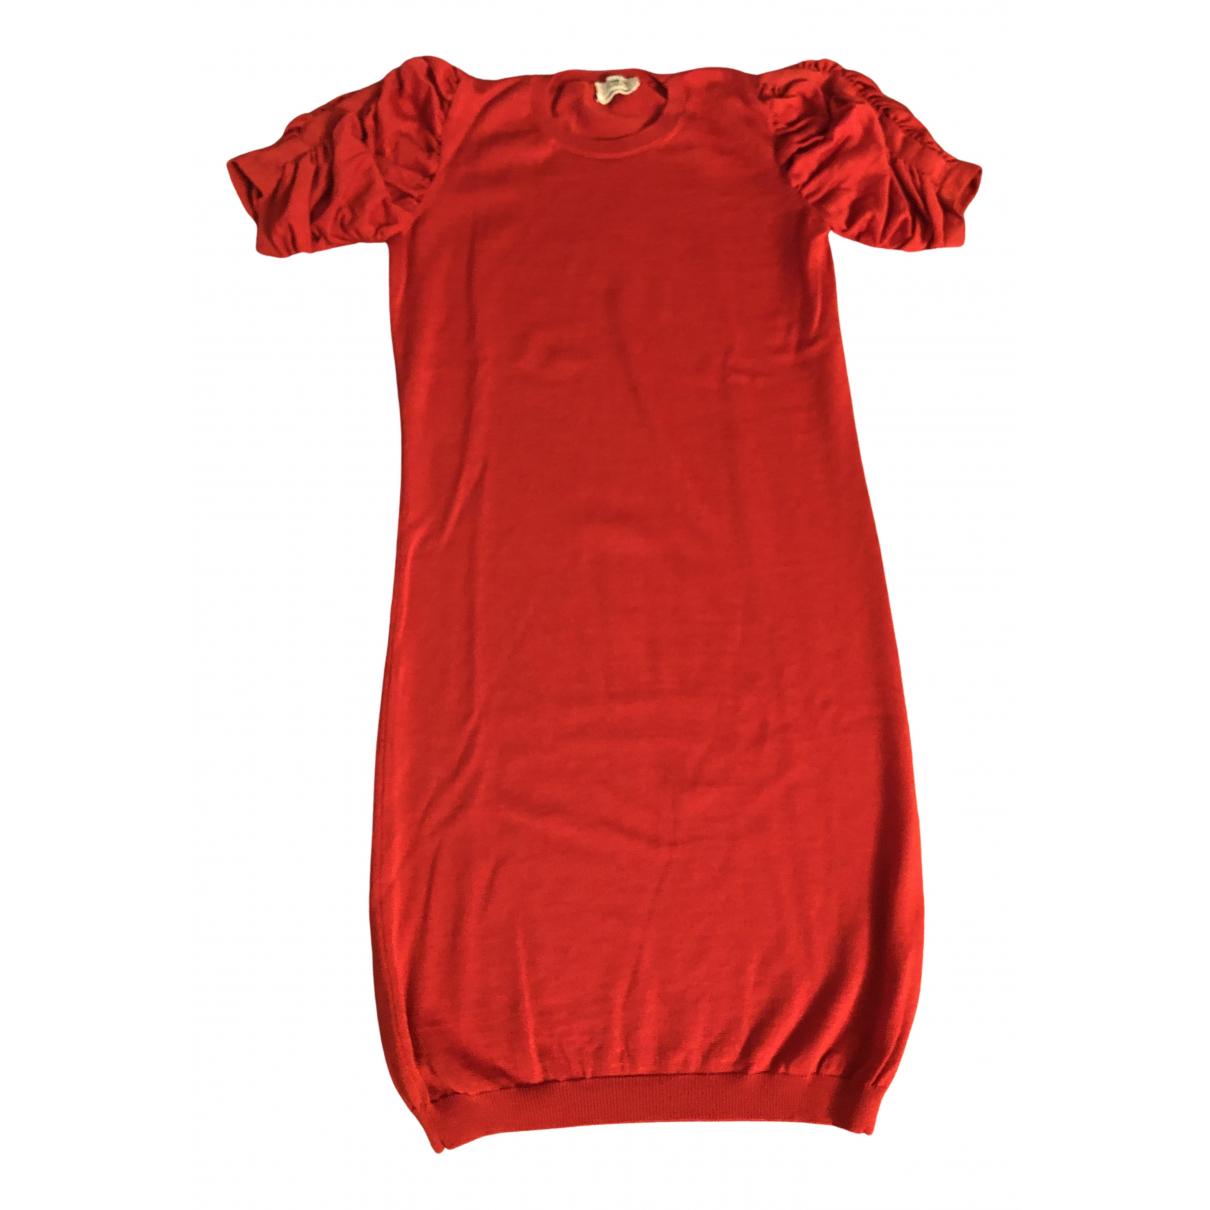 Yves Saint Laurent \N Kleid in  Rot Wolle